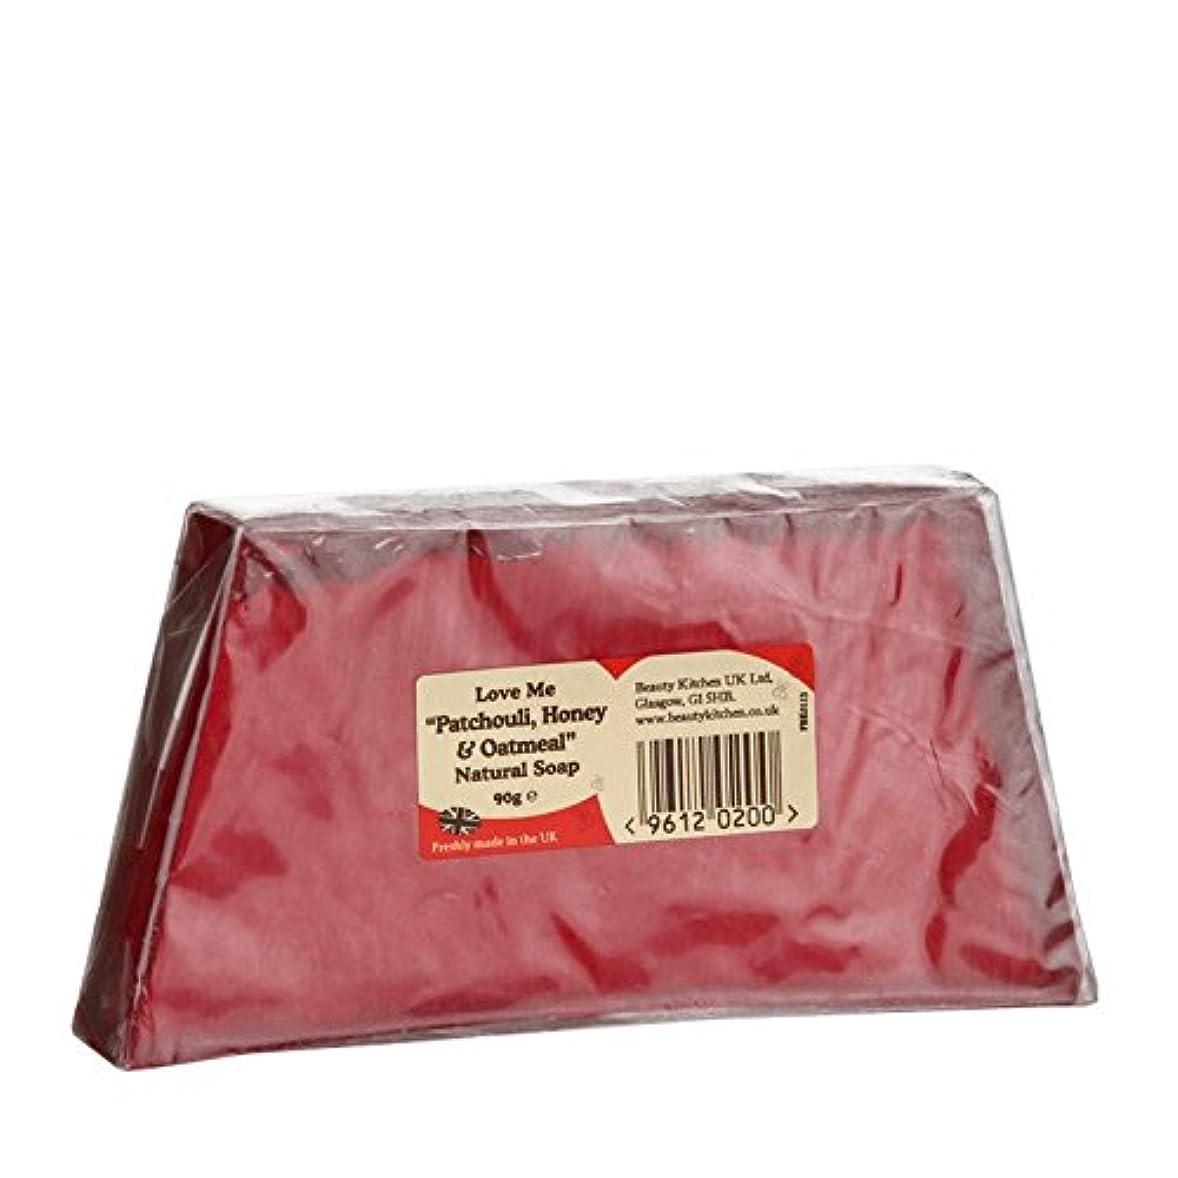 フラフープ交換どっちBeauty Kitchen Love Me Patchouli, Honey & Oatmeal Natural Soap 90g (Pack of 6) - 美しさのキッチンは私にパチョリ、ハニー&オートミール、天然石鹸...